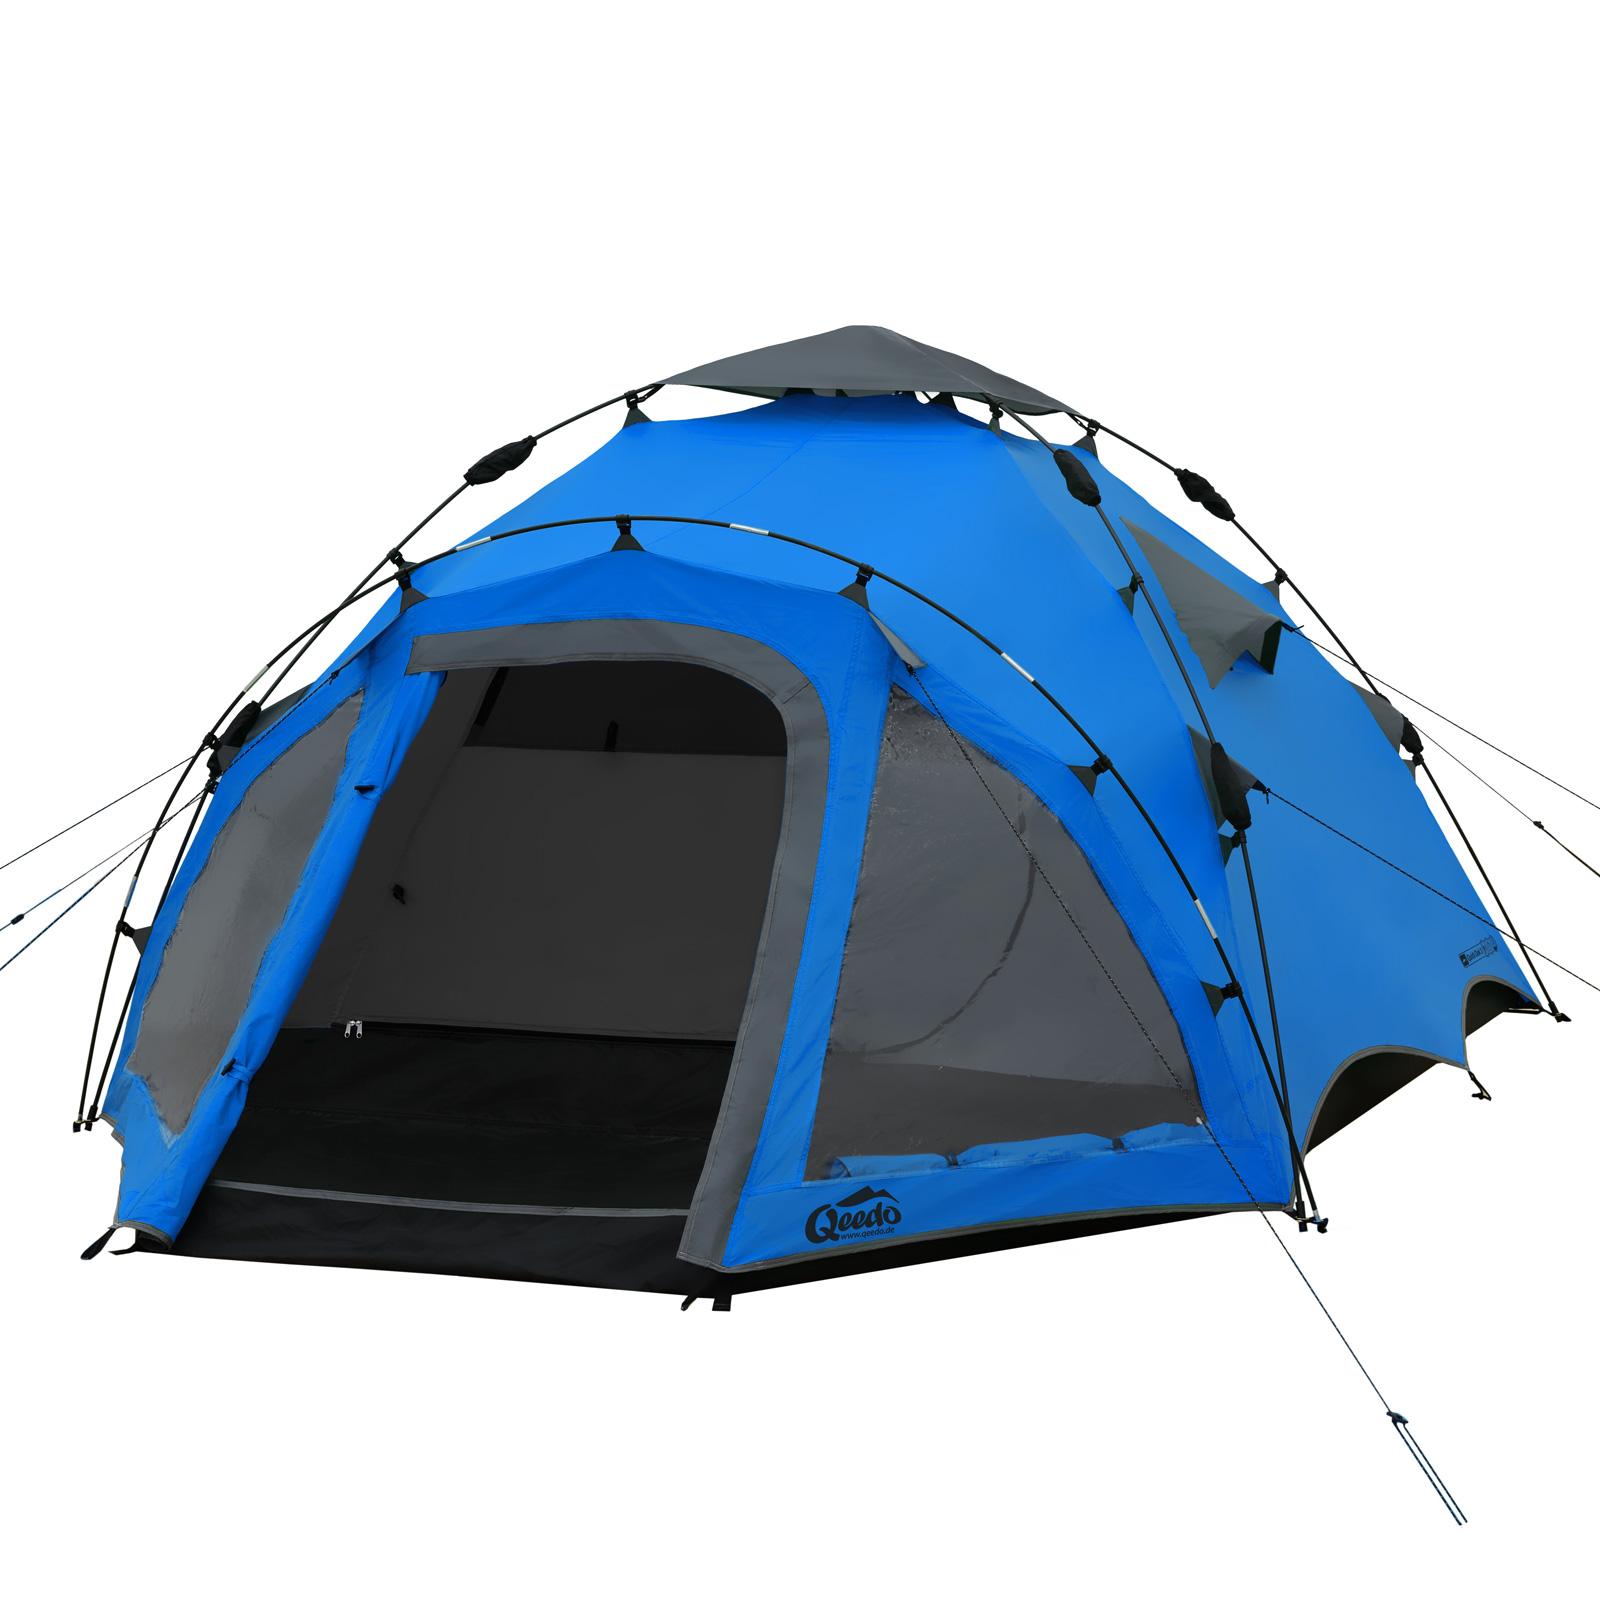 campingzelt qeedo quick oak 3 sekundenzelt 3 personen zelt. Black Bedroom Furniture Sets. Home Design Ideas